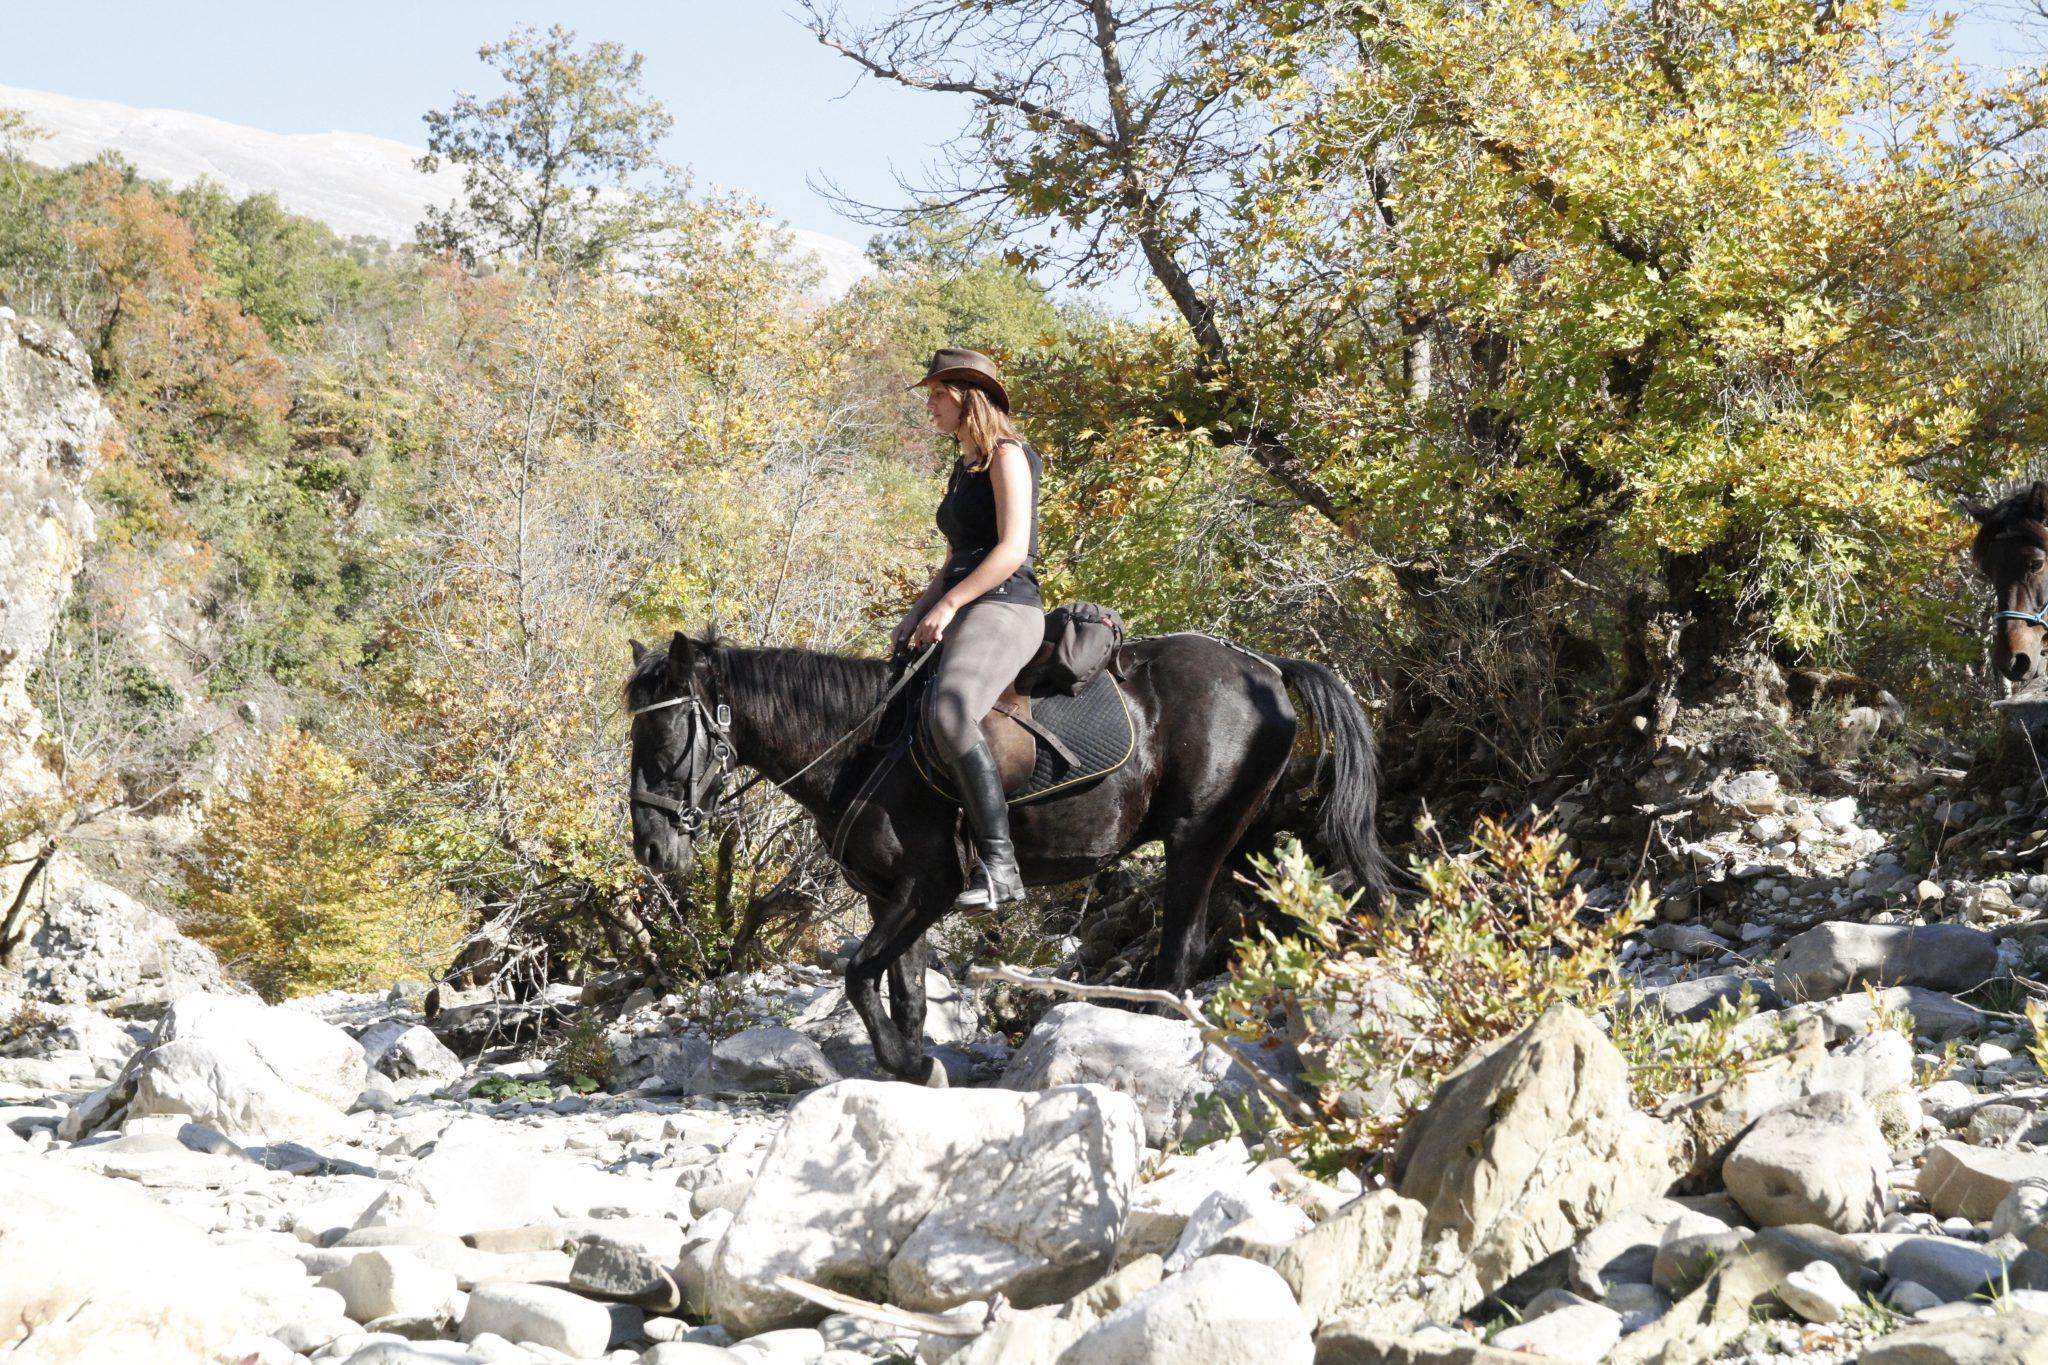 Buitenrit in de bergen van Albanië